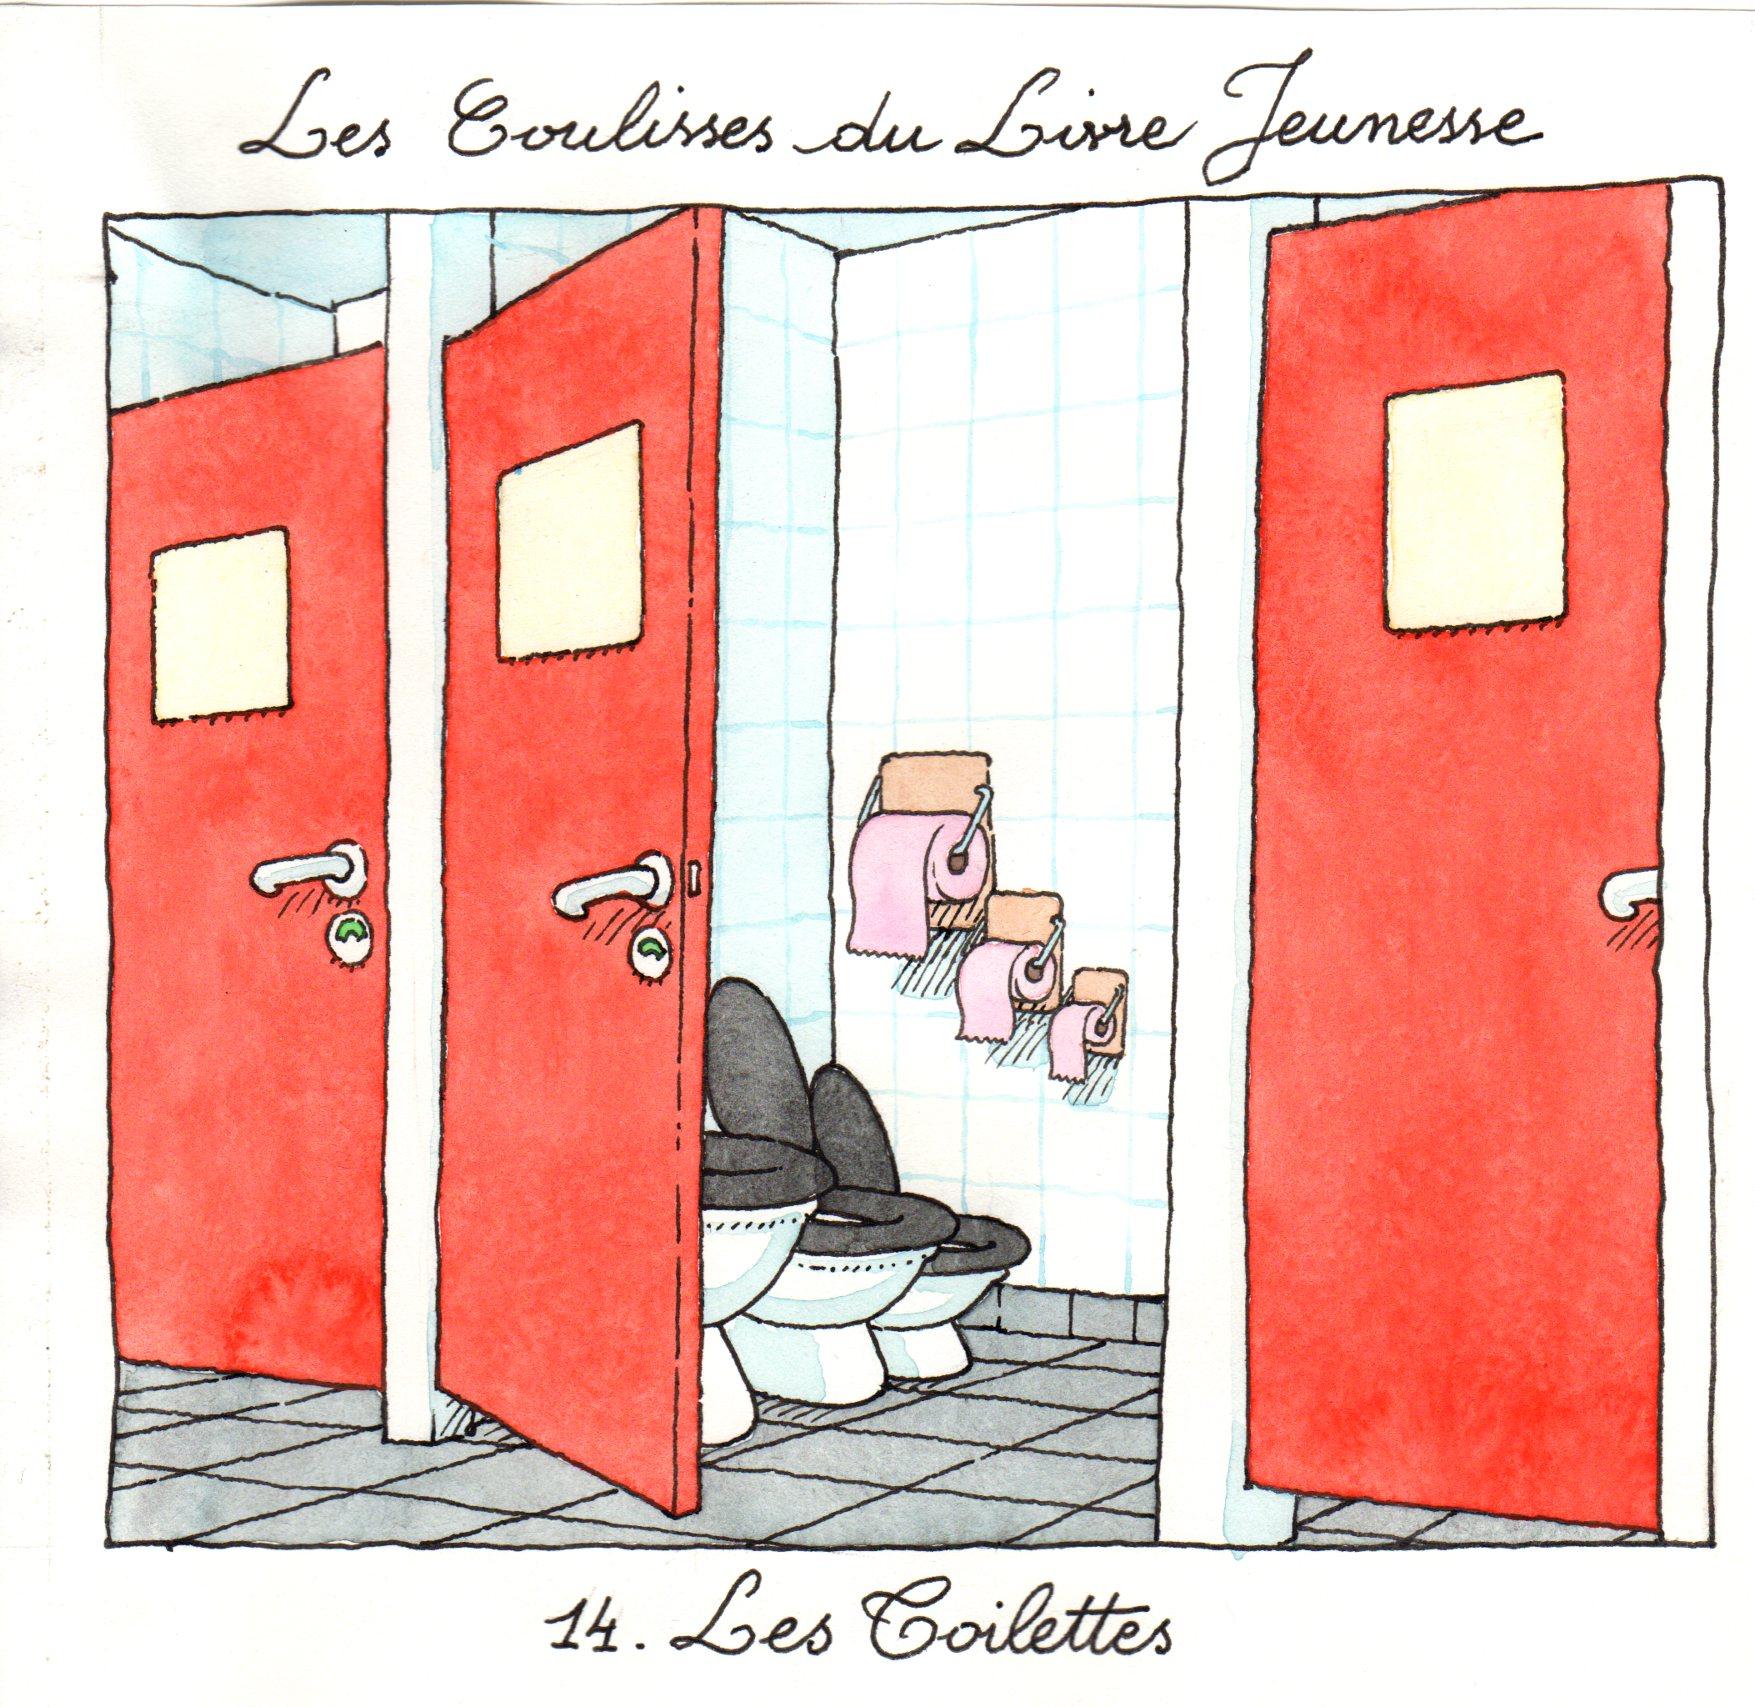 Les Toilettes | Les Toilettes - Les Coulisses du Livre Jeunesse | Gilles Bachelet